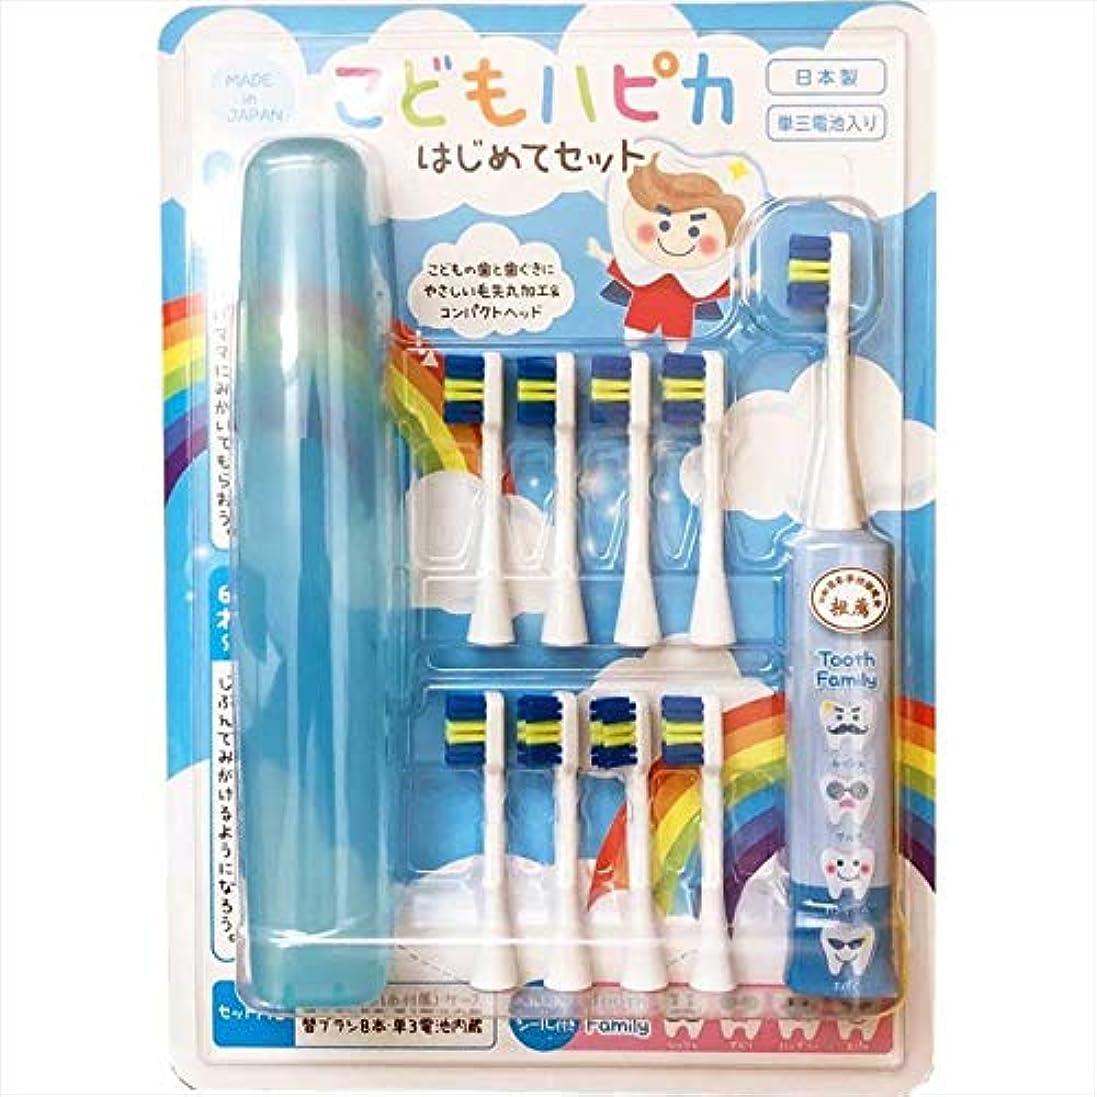 光の市区町村バイオリニストこどもハピカセット ブルー 子供用電動歯ブラシ